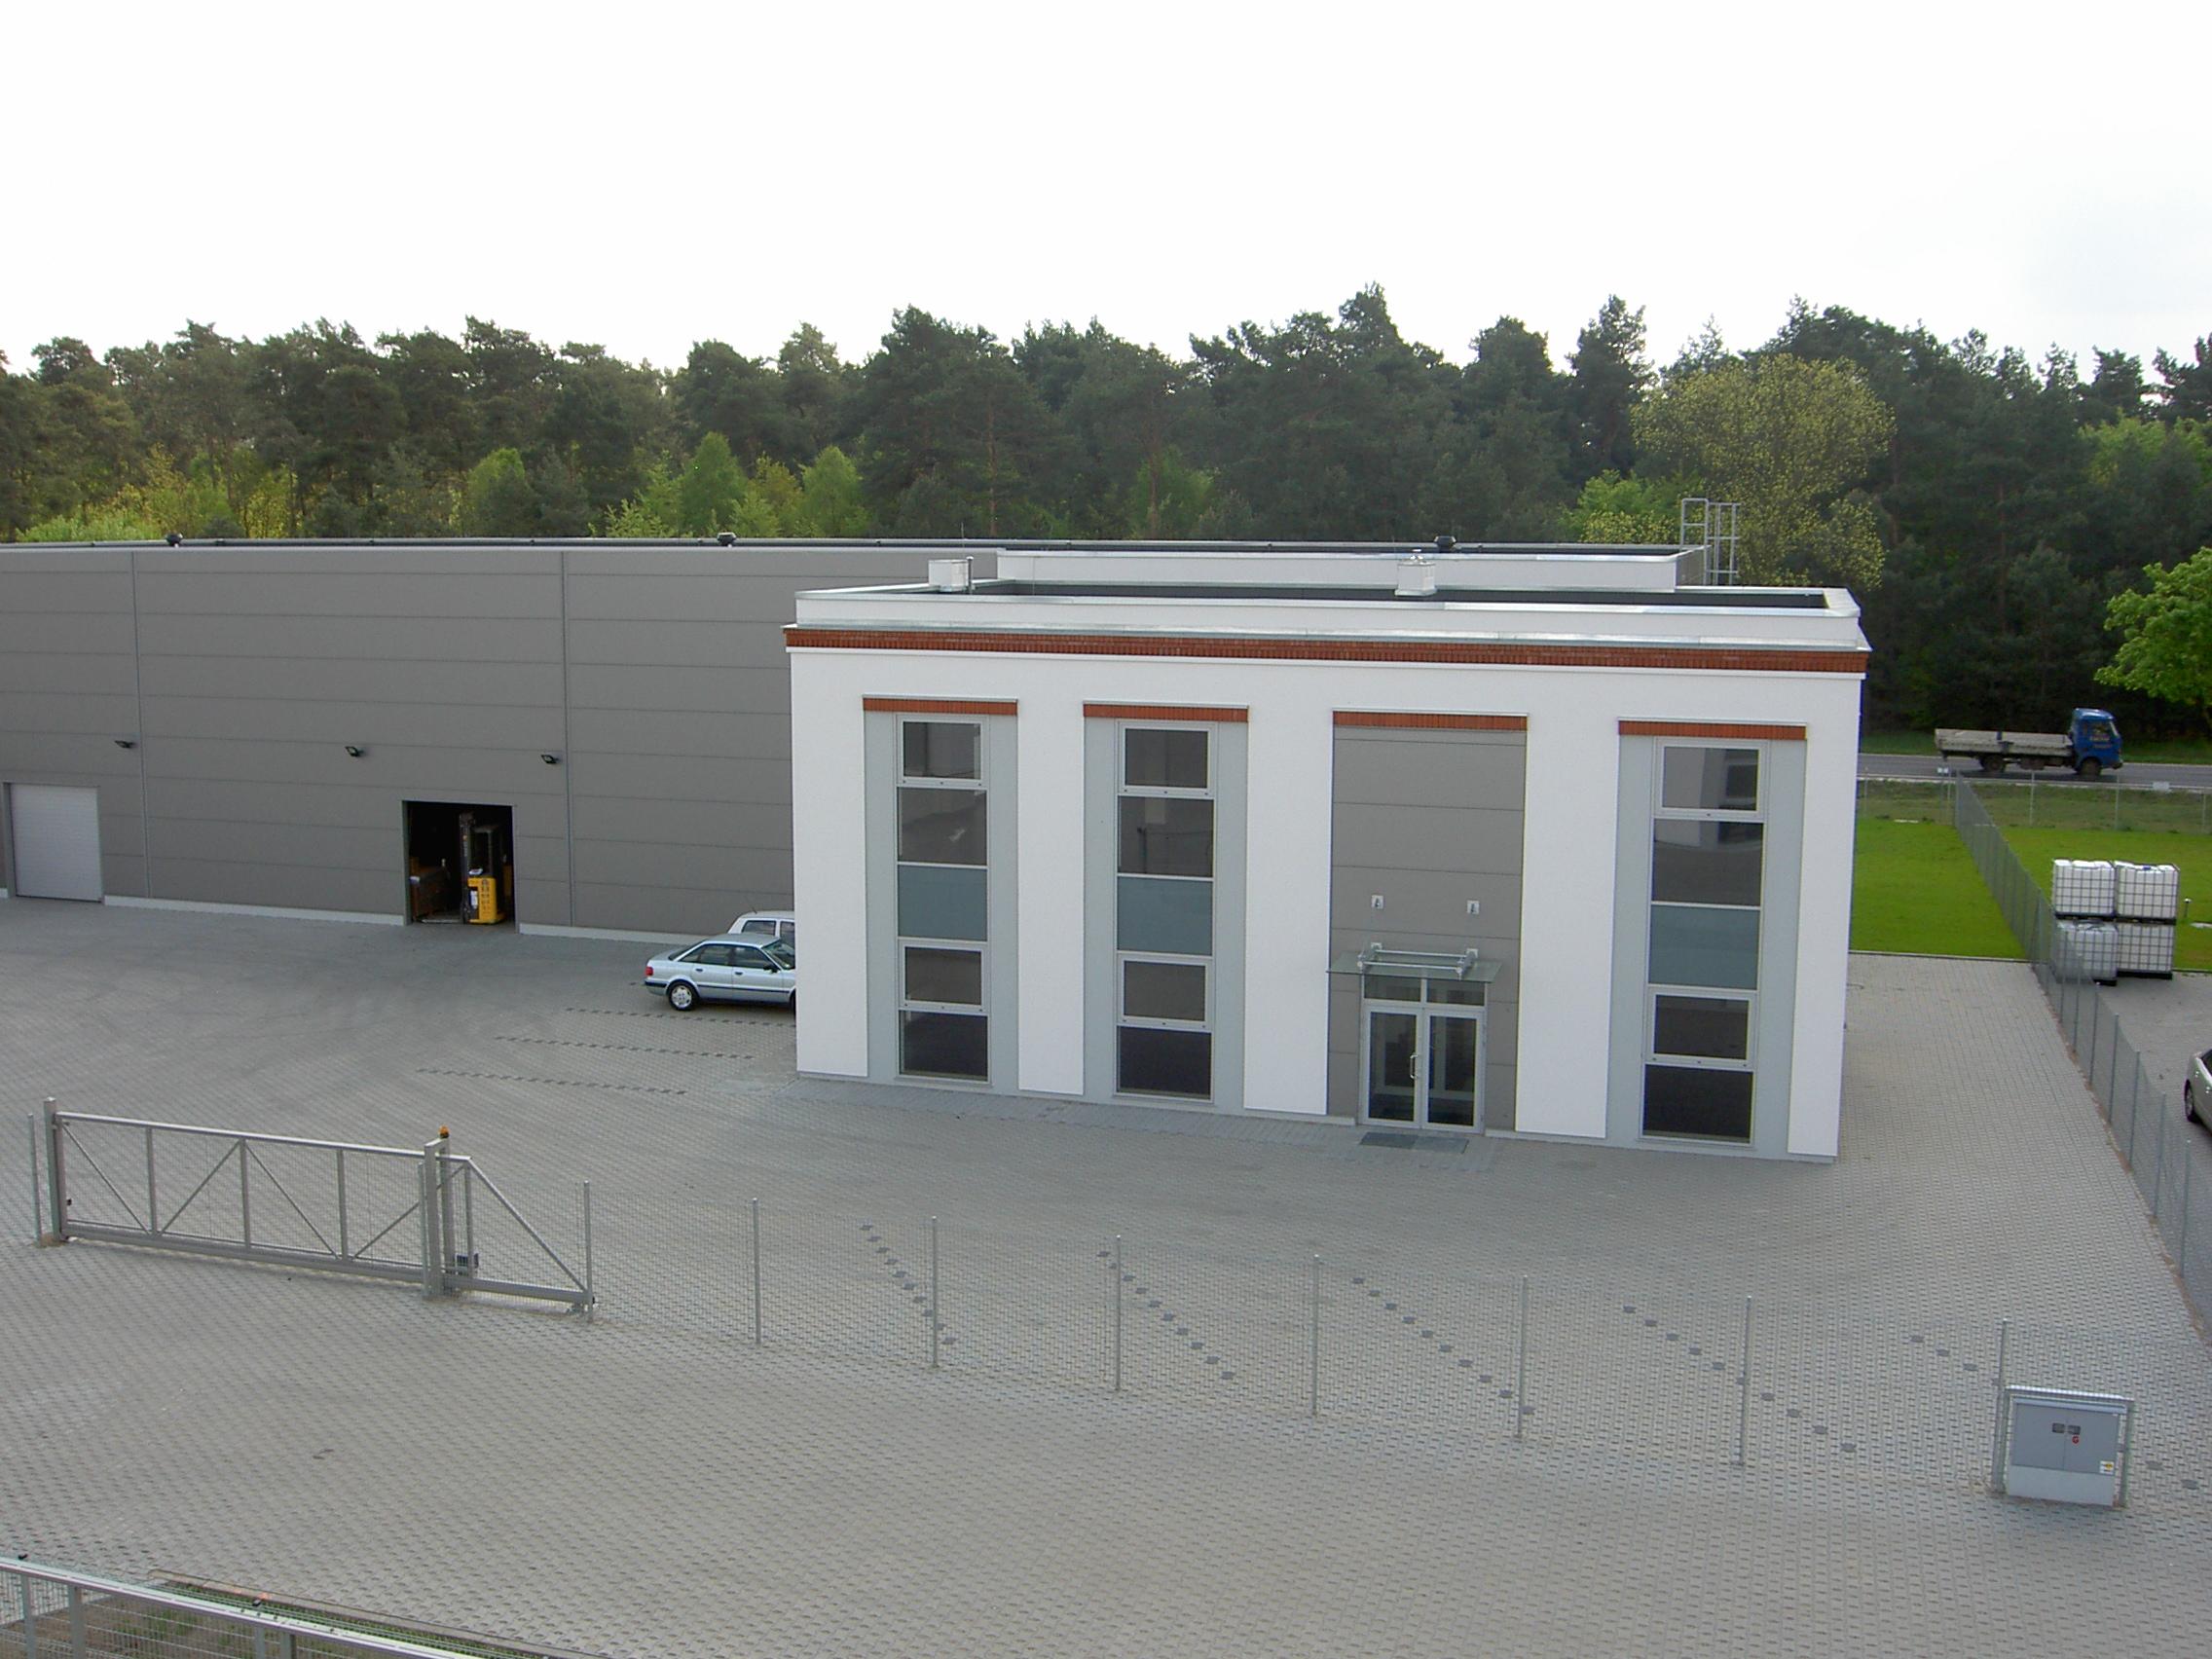 Park przemysłowy zagospodarowany obiektami biurowo-magazynowymi wraz infrastrukturą Jakon Sierosław